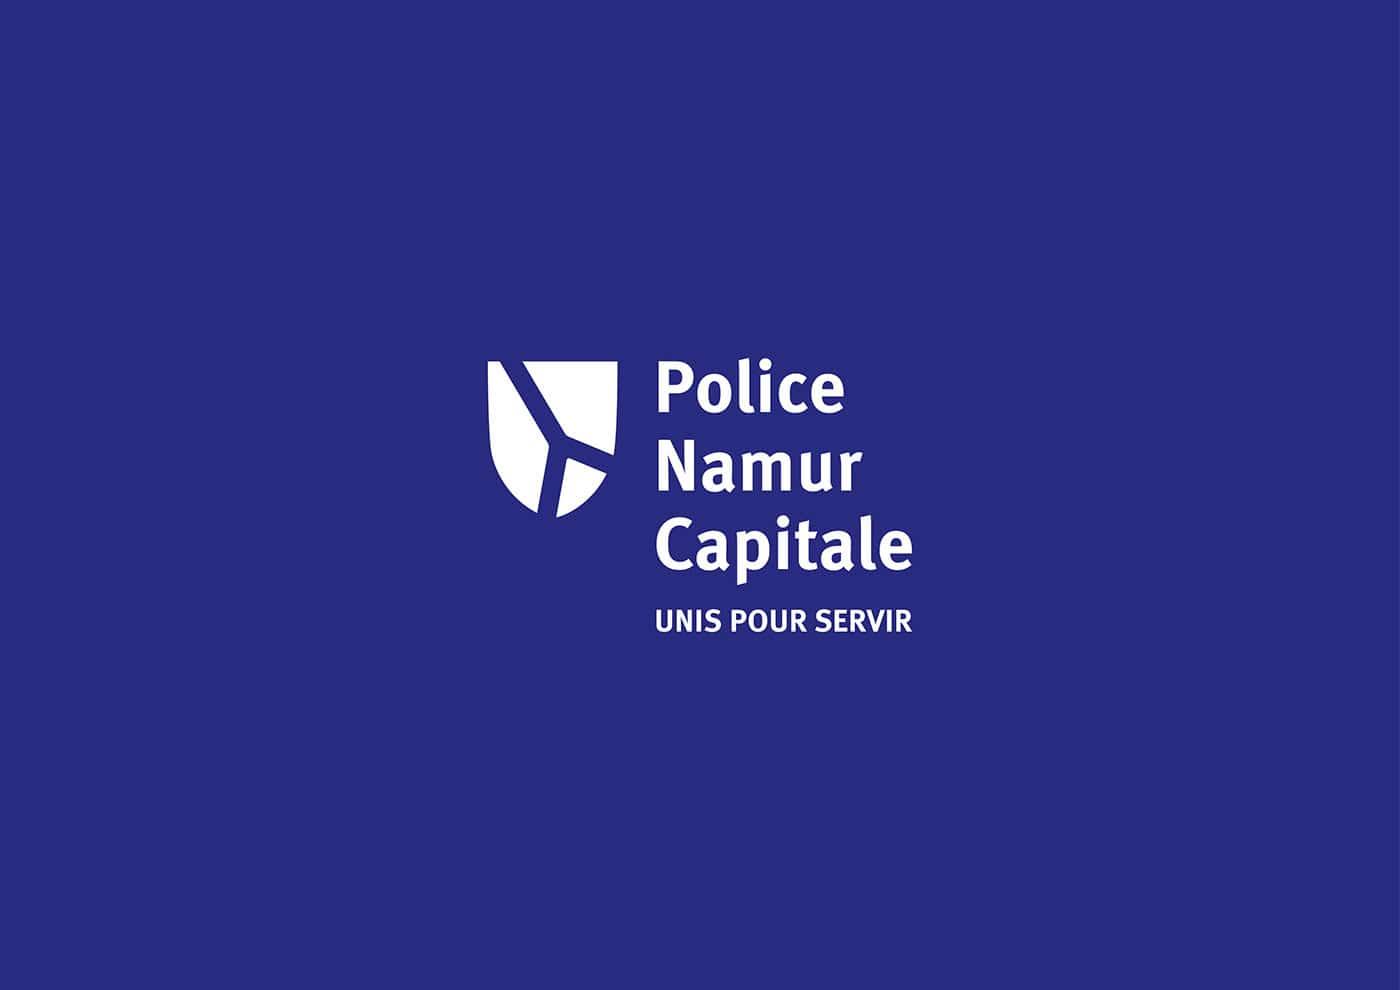 Logo cong an police namur capitale